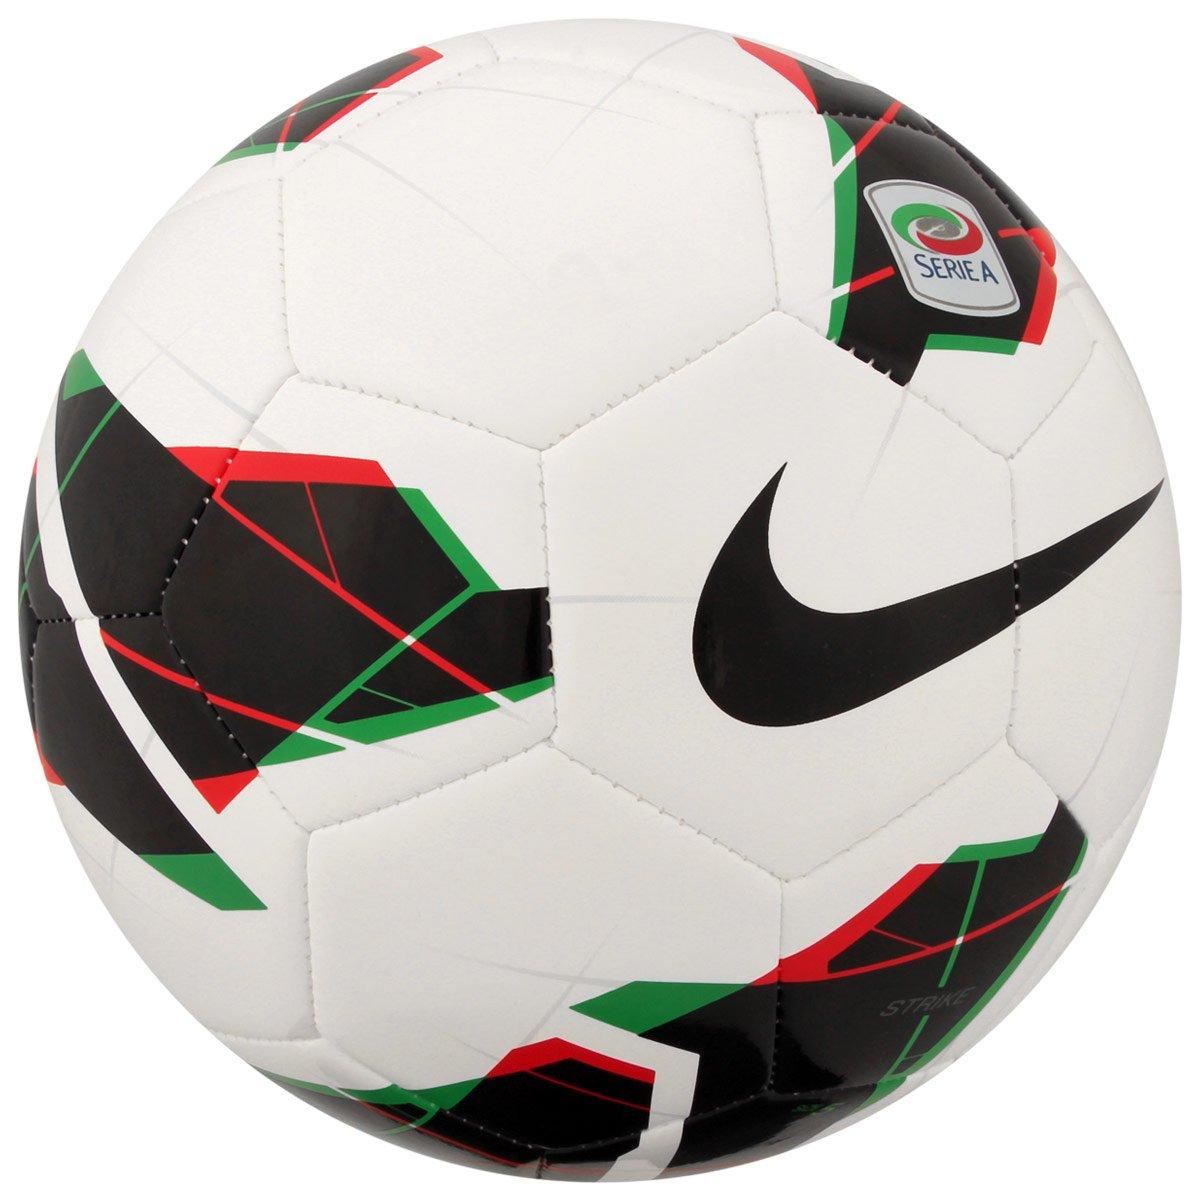 e1916a484d Bola Futebol Nike Strike Série A Campo - Compre Agora